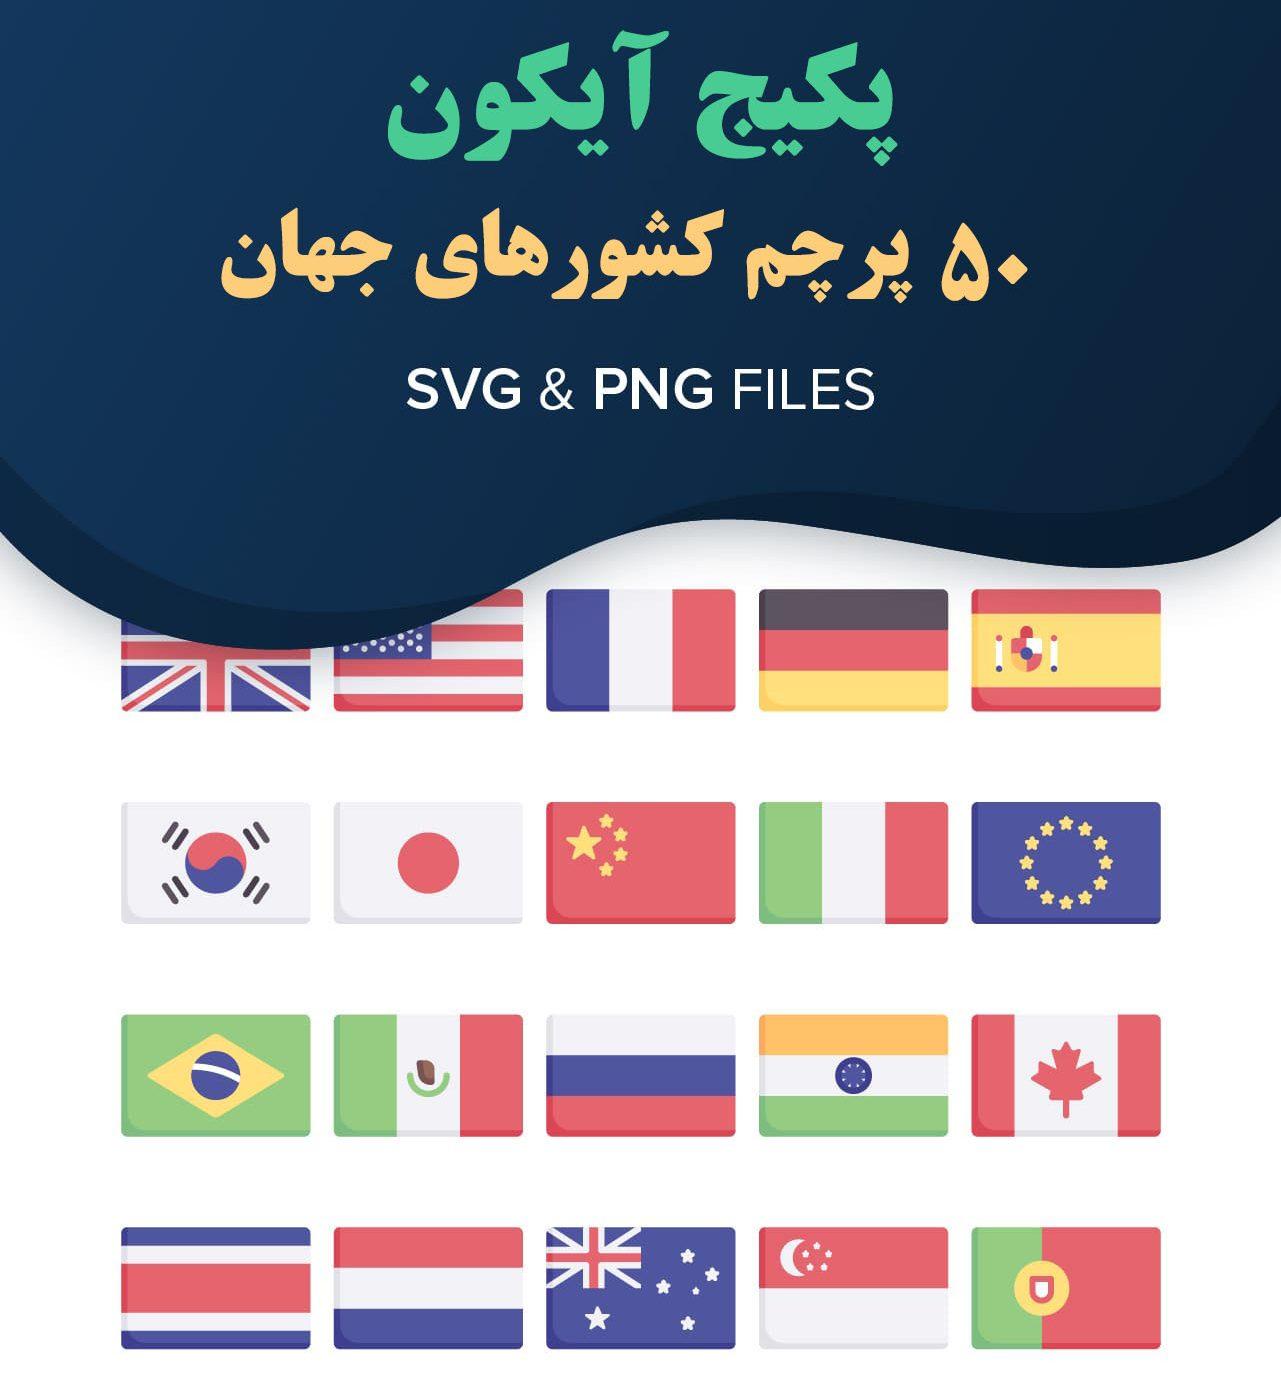 دانلود مجموعه آیکون پرچم کشور های جهان